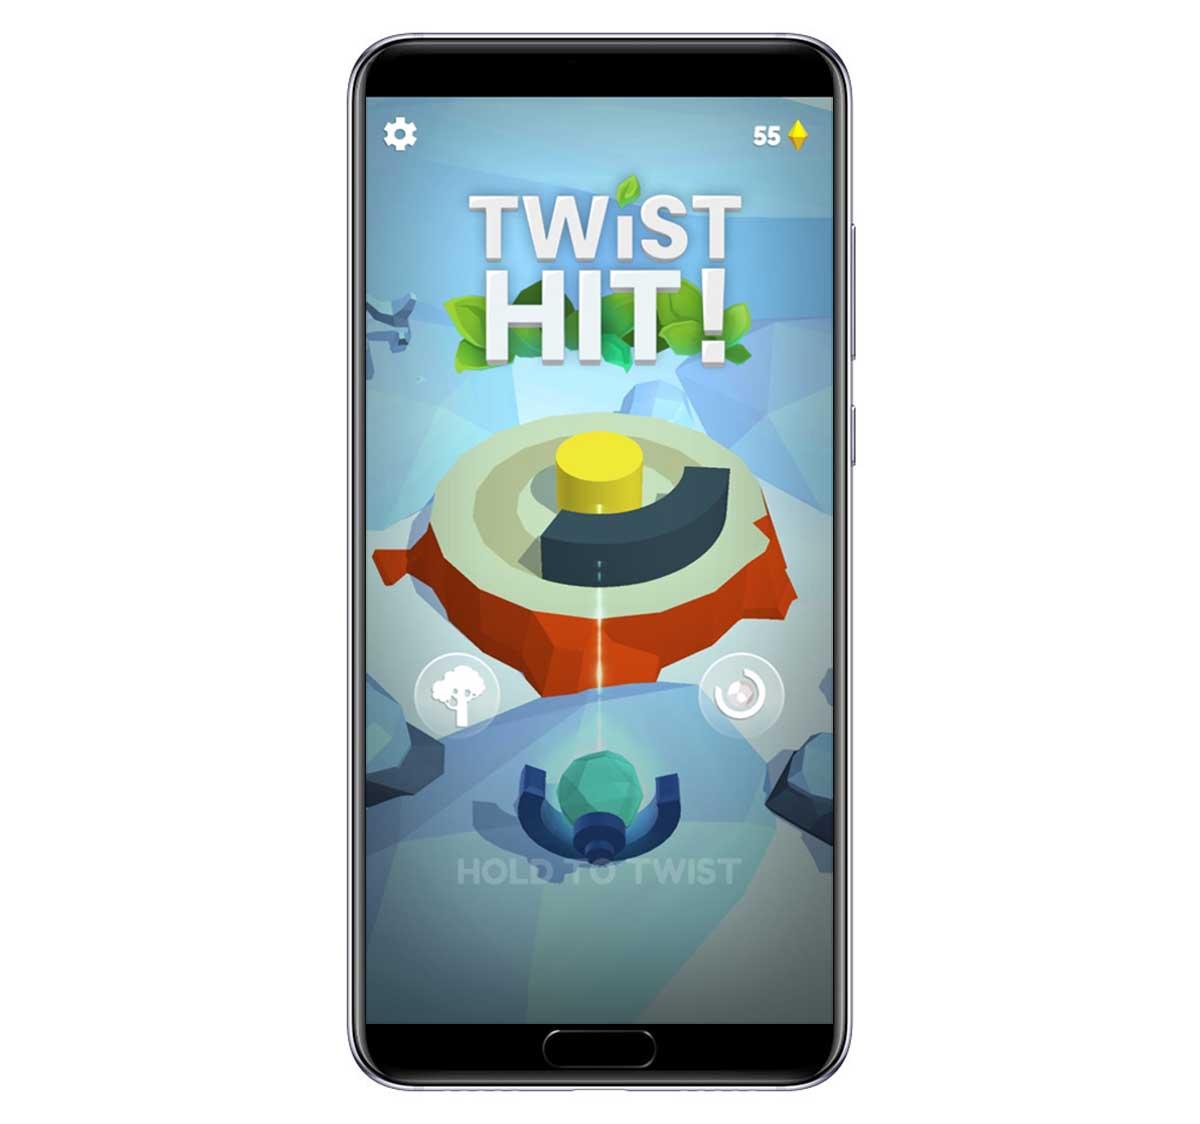 5 claves para triunfar y disfrutar del juego Twist Hit!